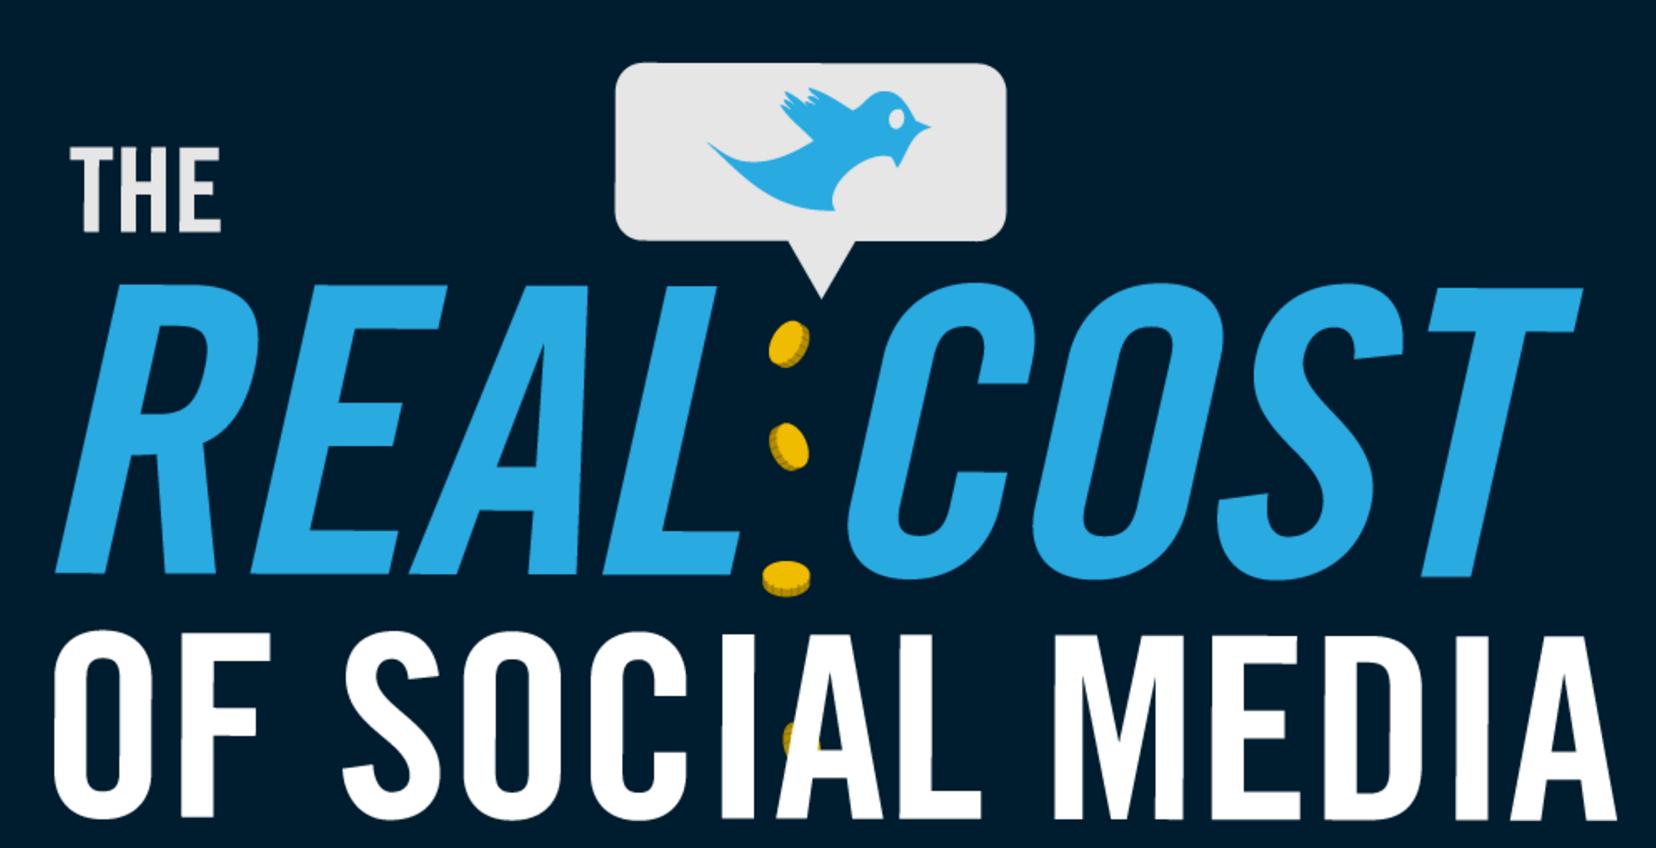 Cuánto cuesta realmente el Social Media